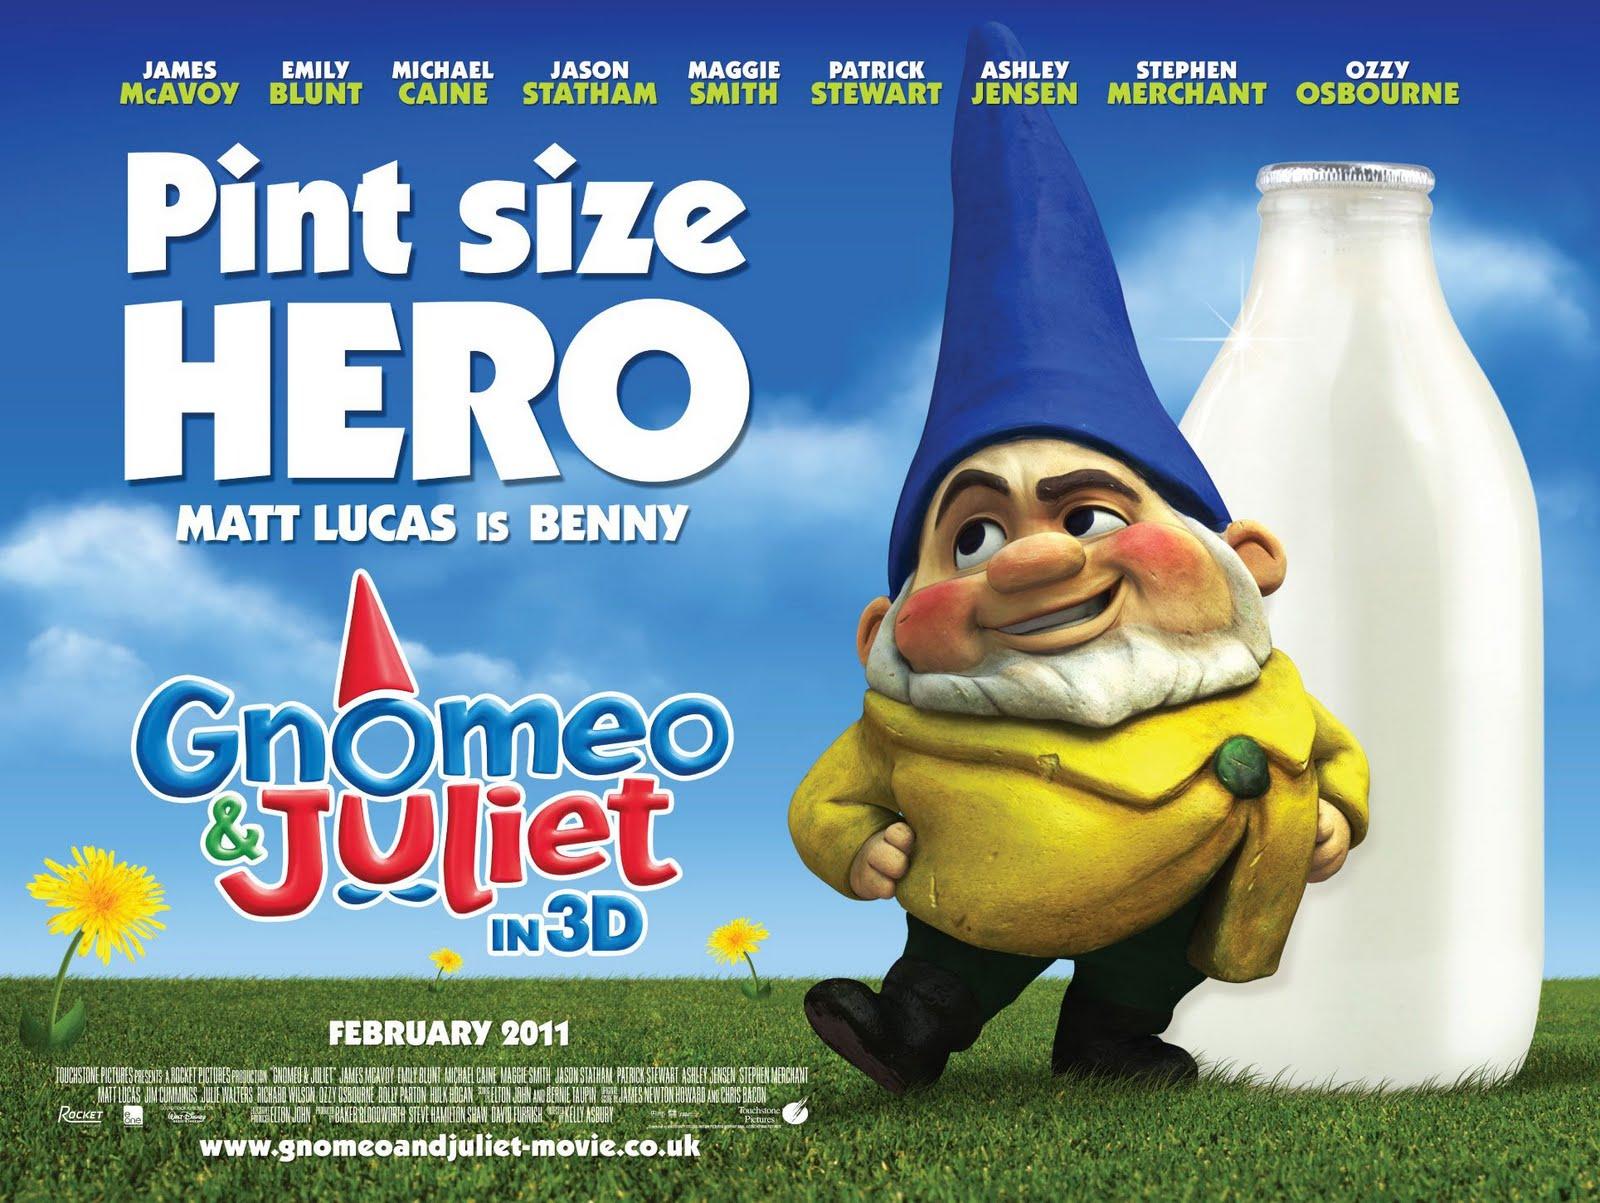 http://3.bp.blogspot.com/_lWbcNC7VYD8/TUE_qPzydsI/AAAAAAAAAik/XcvOFHGwLIU/s1600/Benny-Gnomeo-and-Juliet-Wallpaper-2.jpg